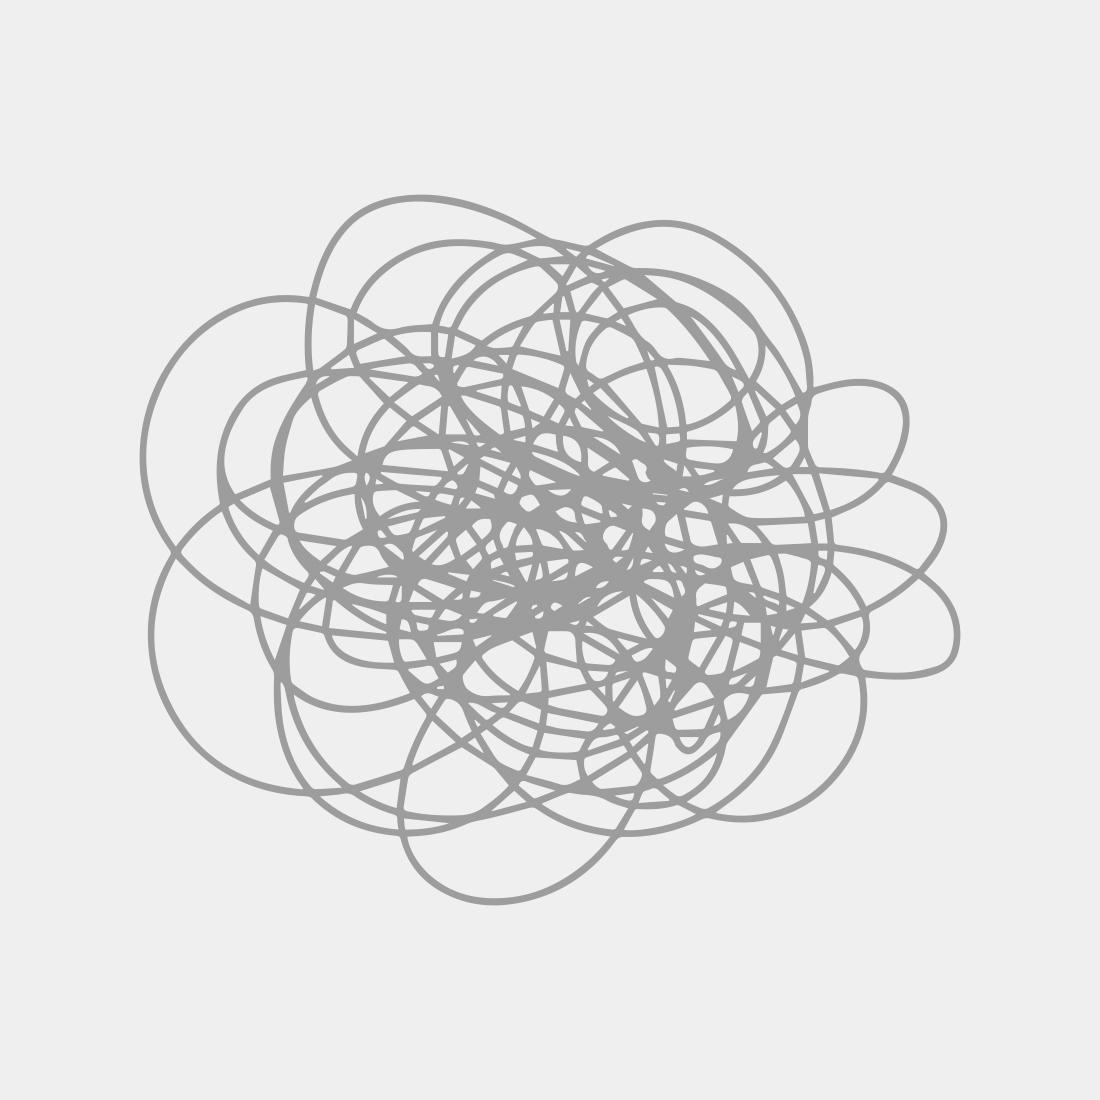 500 Self Portraits